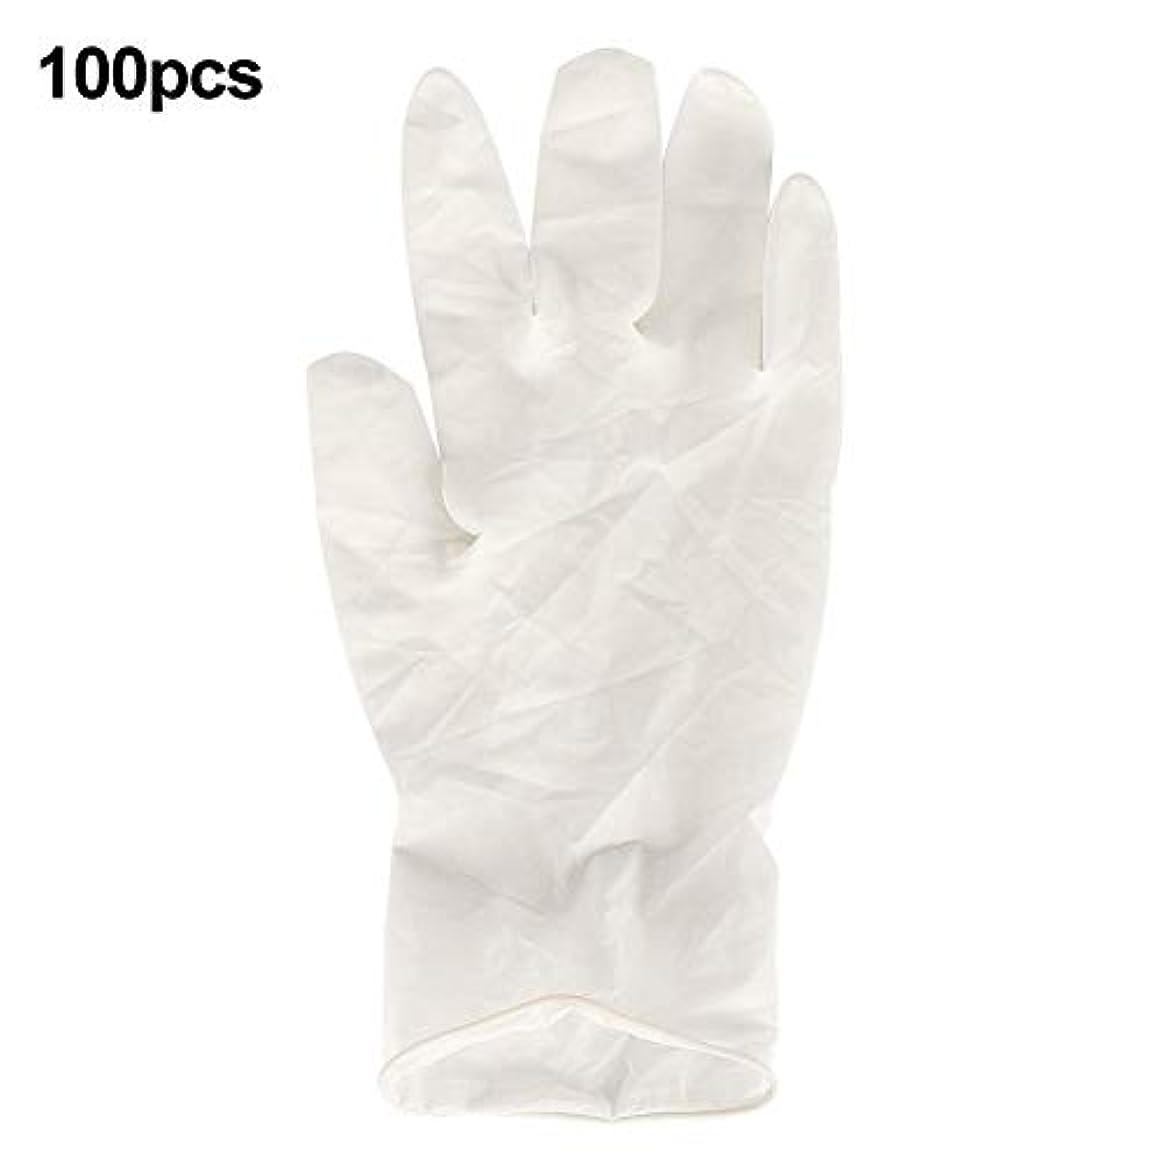 縫う前任者発掘Qiilu ラテックス手袋 使い捨て手袋 ゴム手袋 100個(中型)